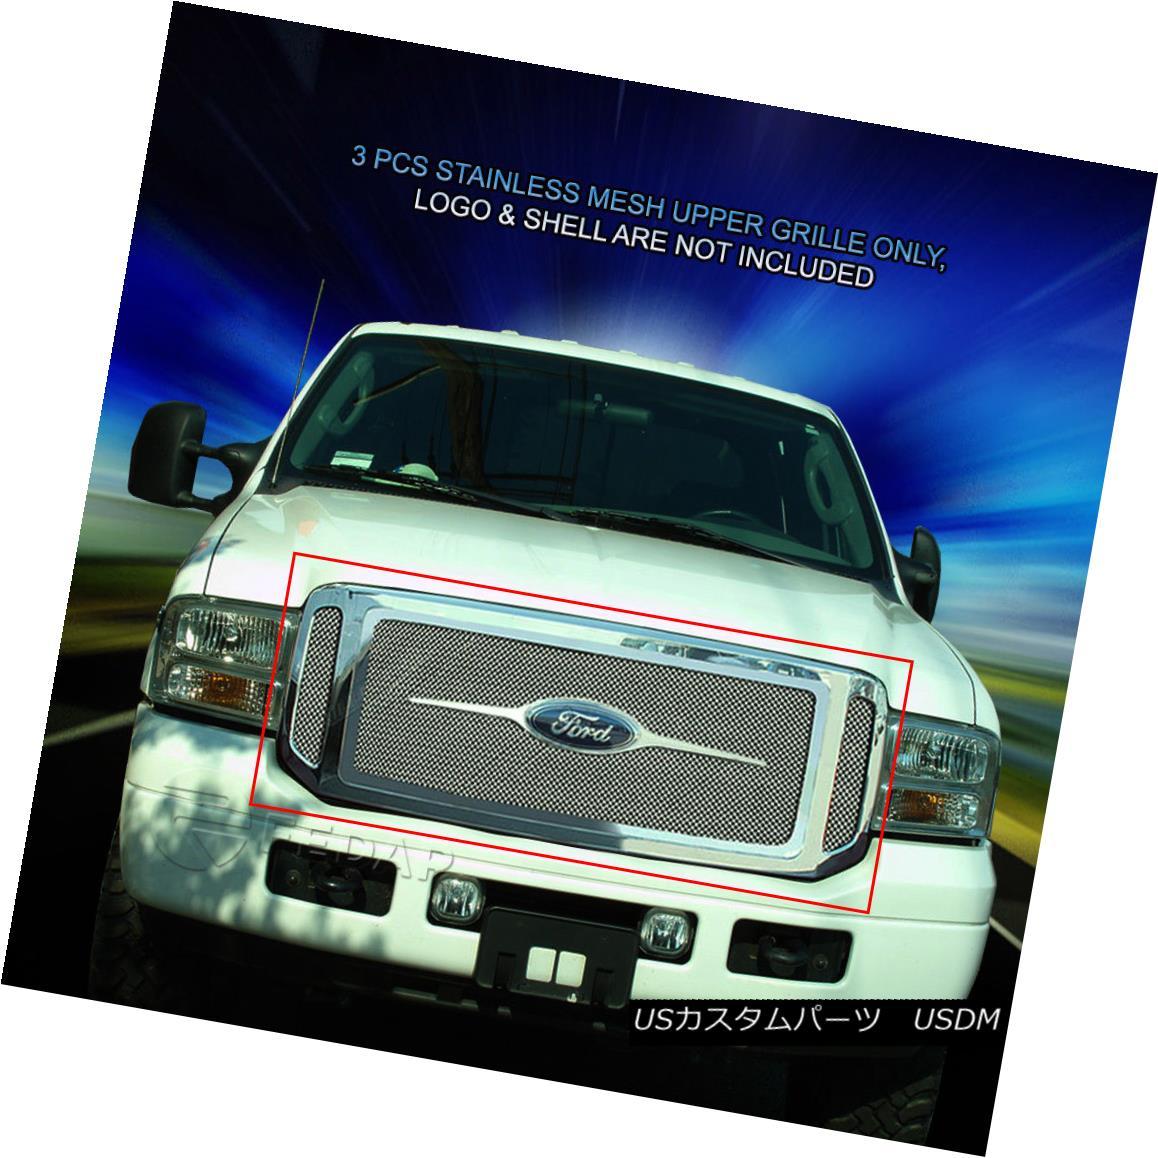 グリル Fedar Fits 05- 07 Ford F-250 F350 F450 F550 Stainless Steel Mesh Grille Combo フェルダーフィット05- 07 Ford F-250 F350 F450 F550ステンレスメッシュグリルコンボ